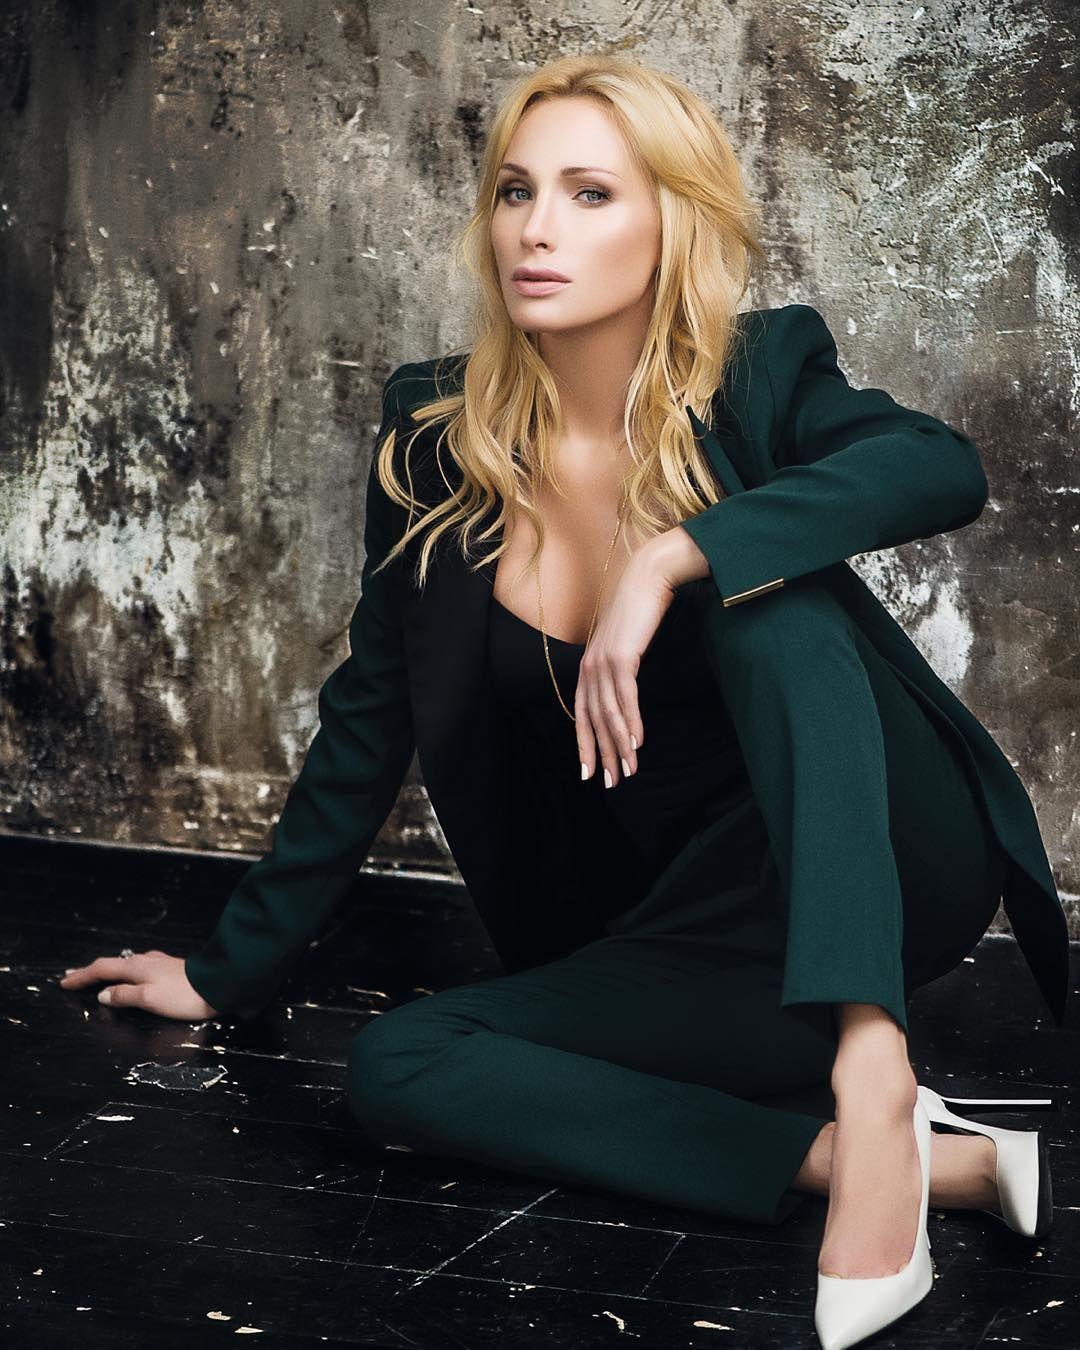 Instagram Evgenia Pavlova nude photos 2019